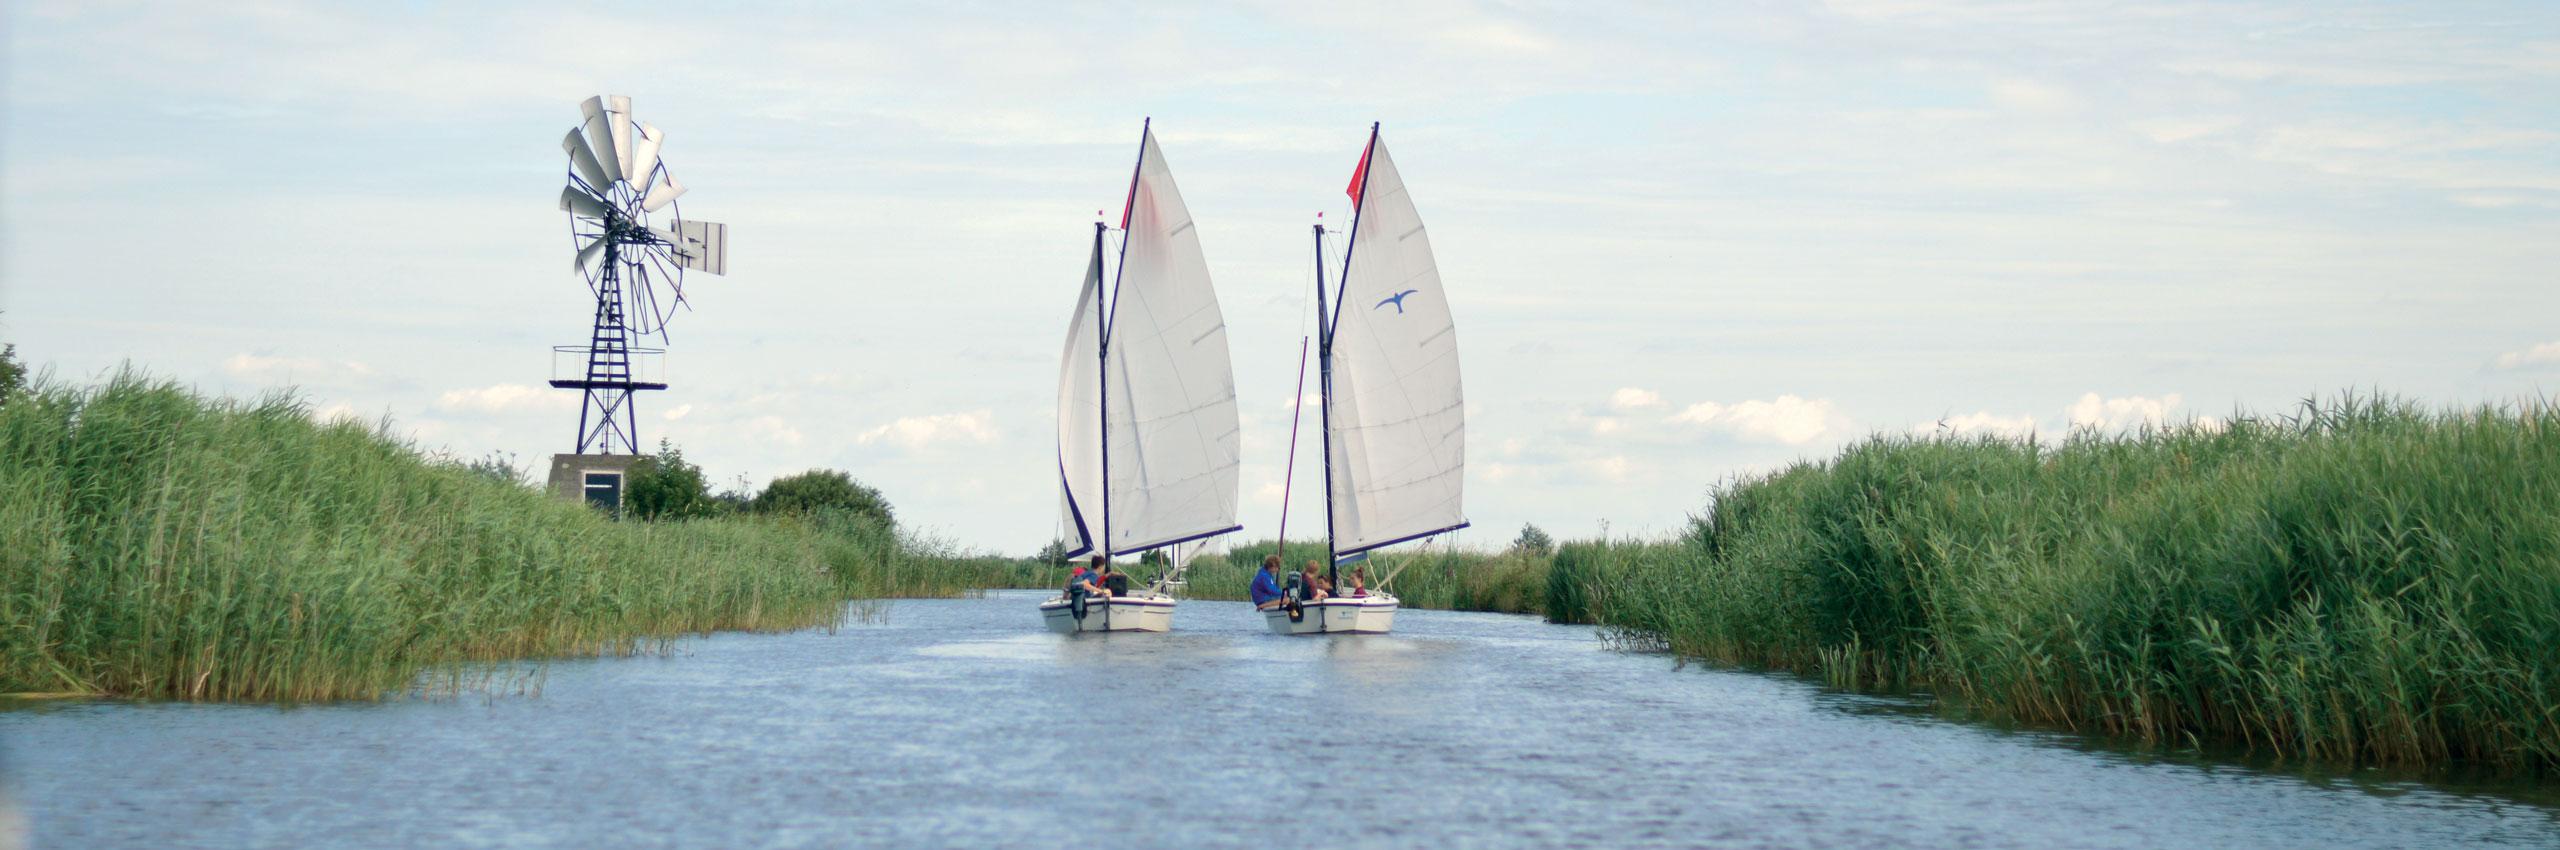 2016 Expeditie Friesland Nivon Watersport